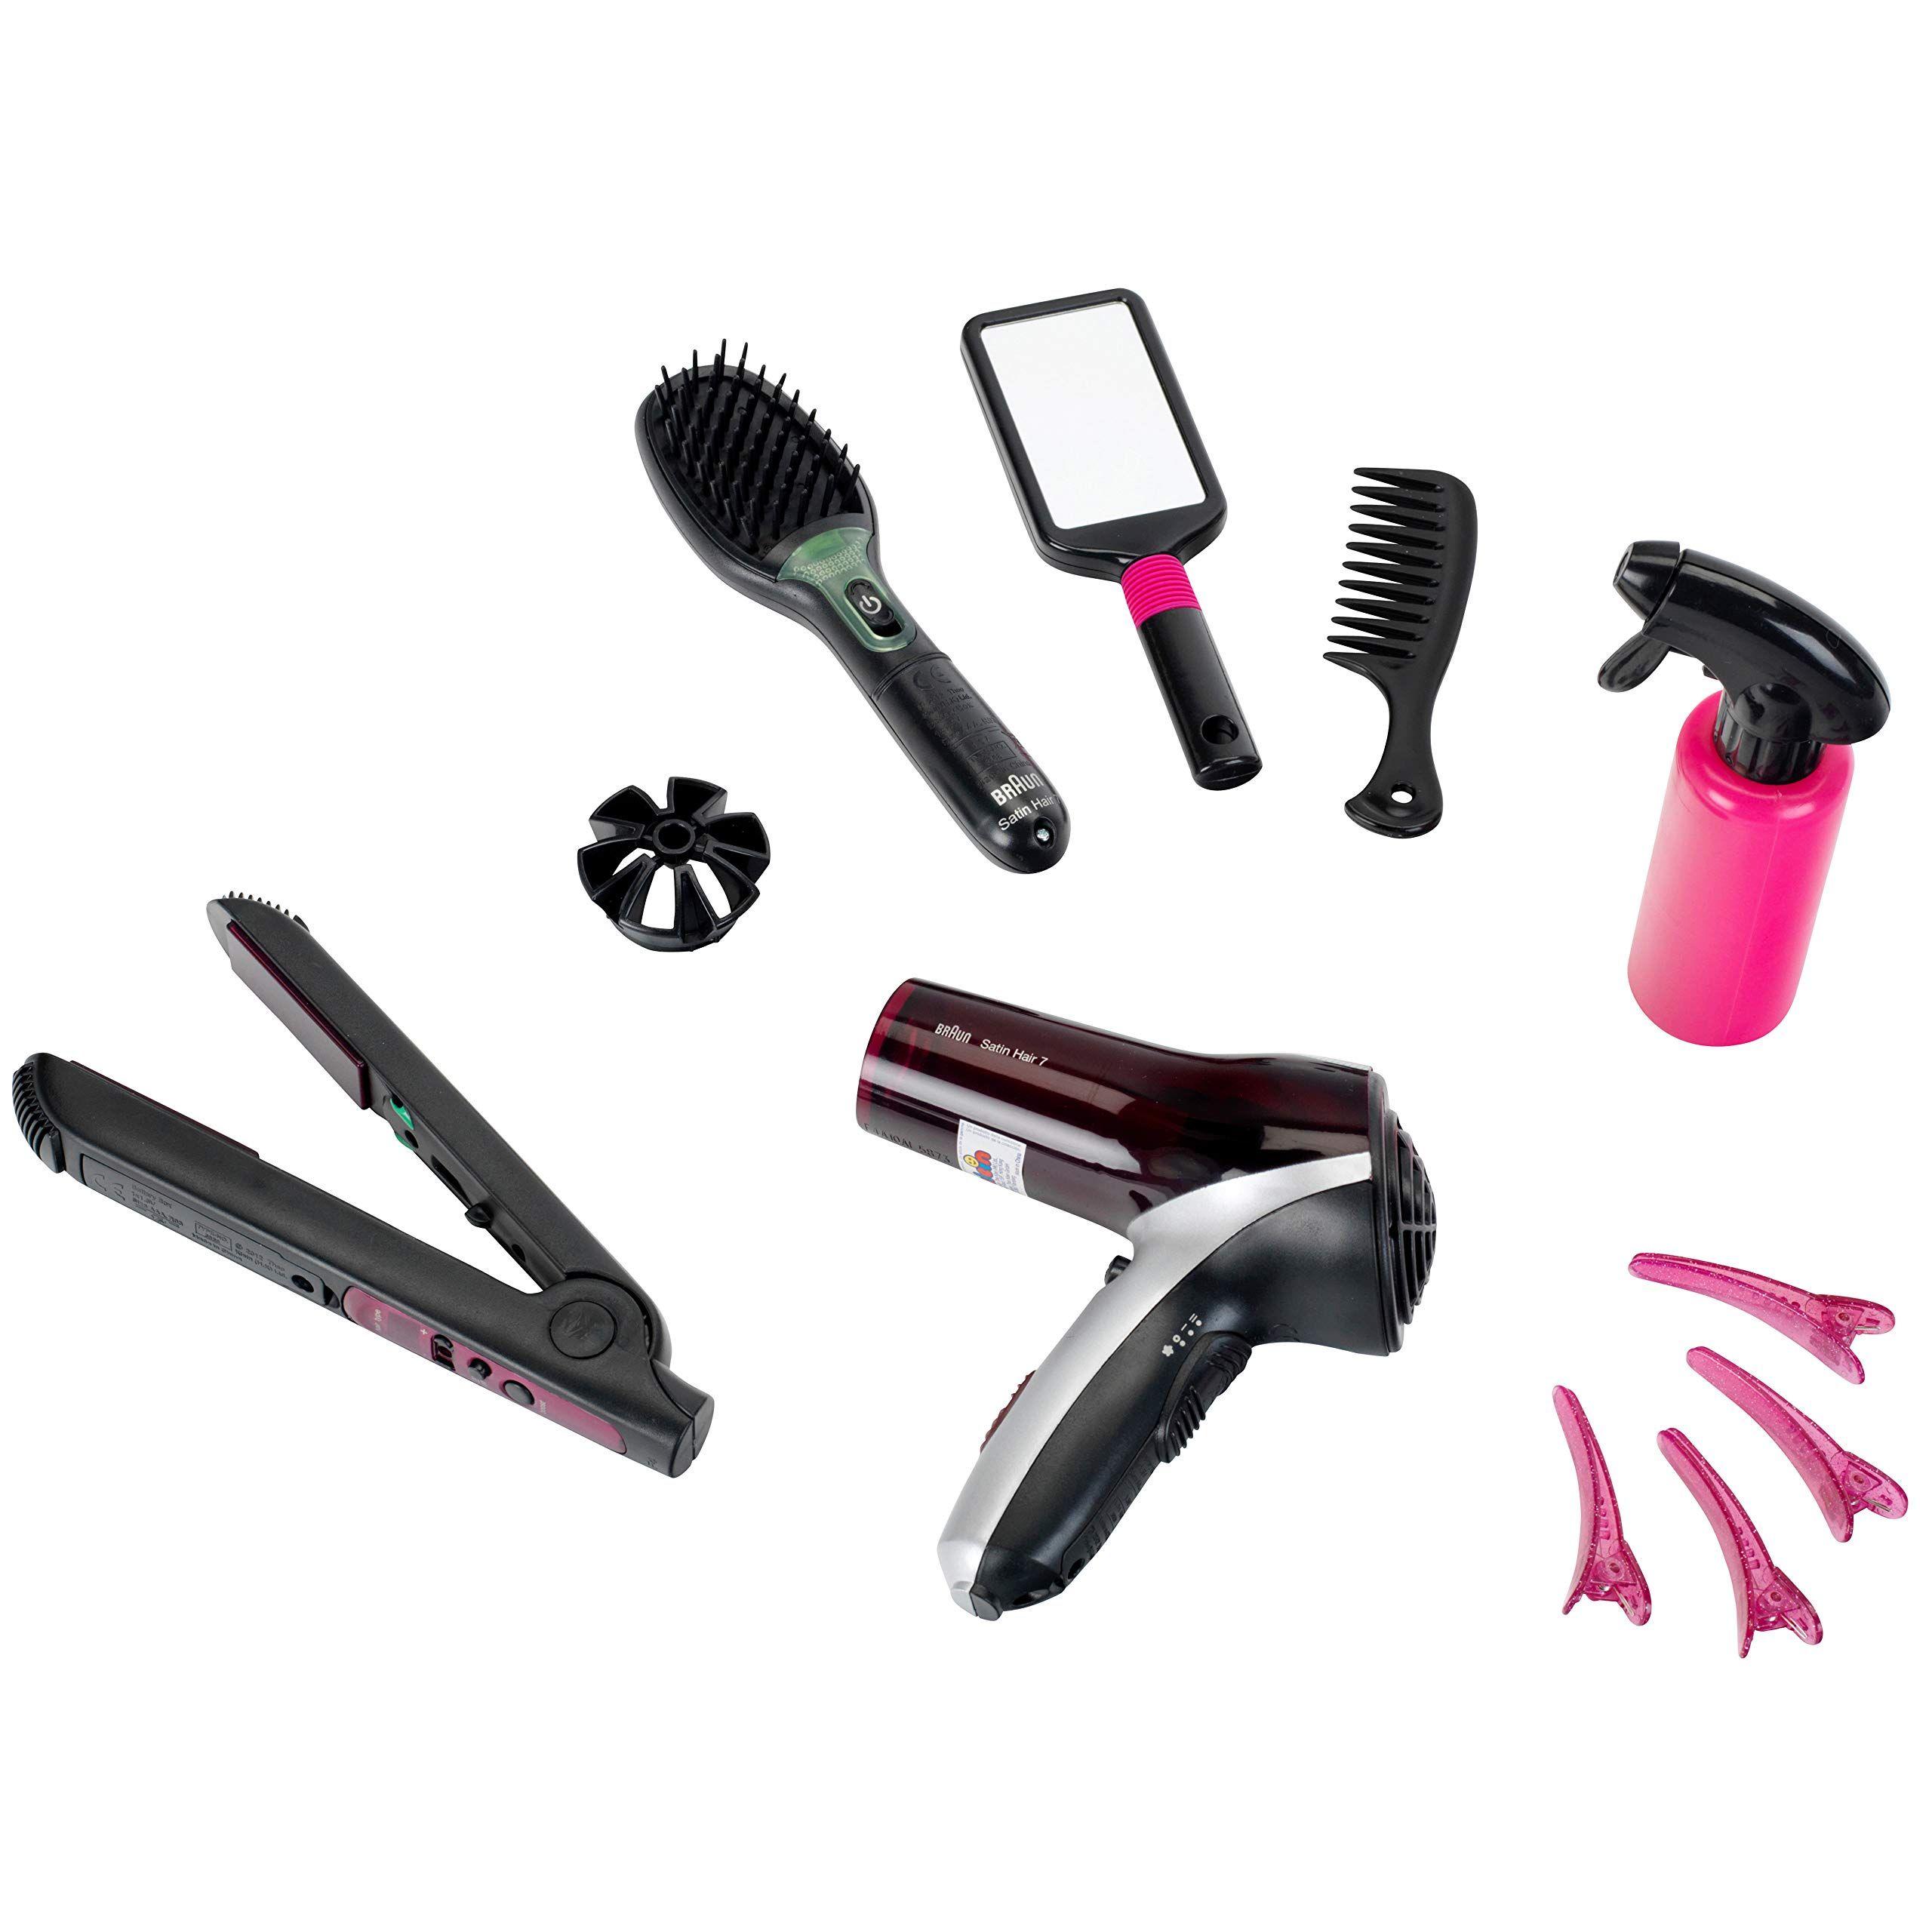 Klein 5873 Coiffure Mega Set De Coiffure Braun Satin Hair 7 Amazon Fr Jeux Et Jouets Coiffure Tete A Coiffer Jouet